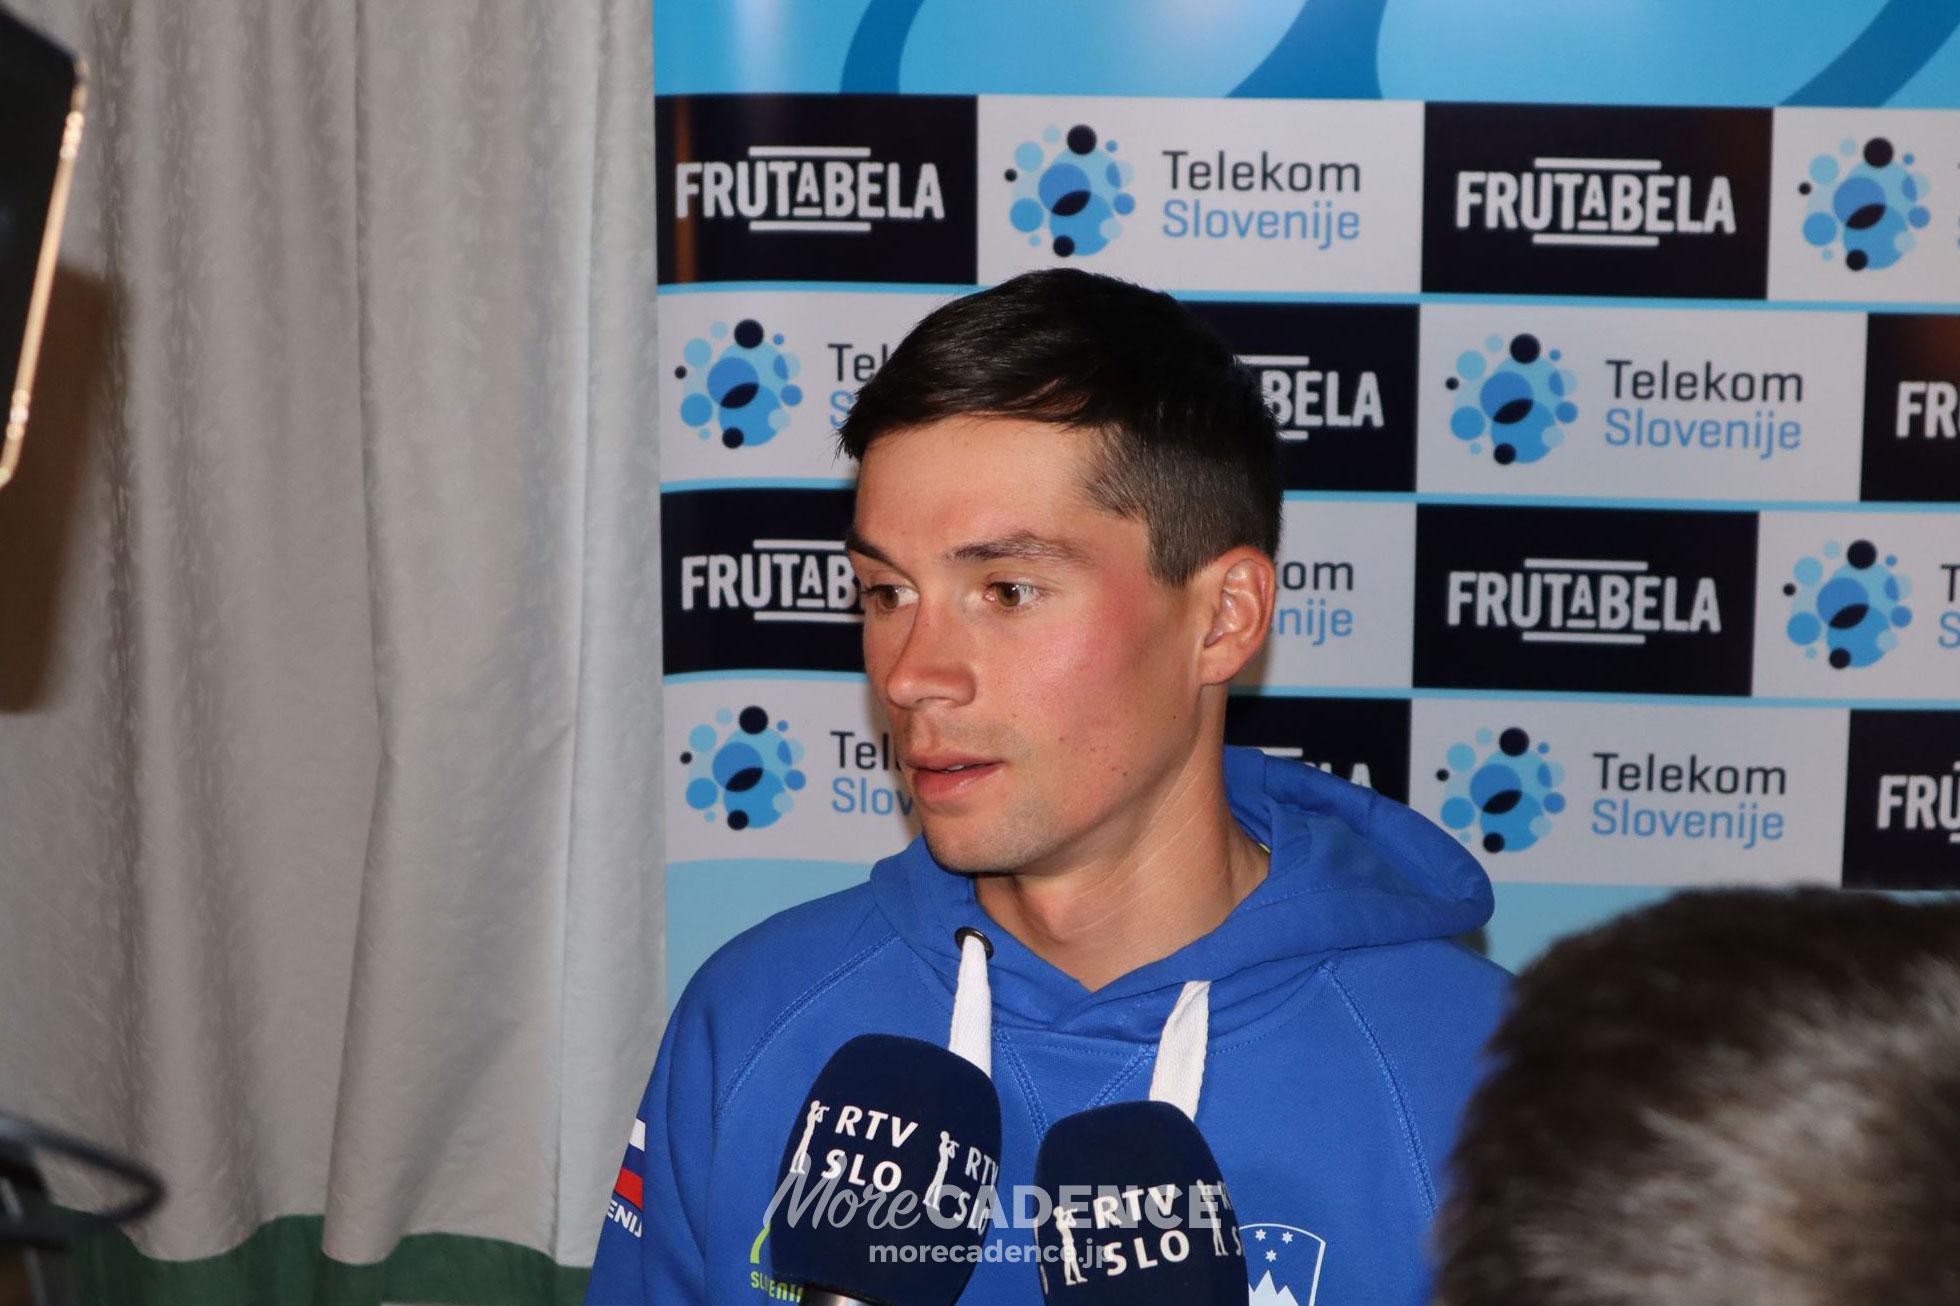 2018ロード世界選手権で記者会見に応じるプリモシュ・ログリッチ